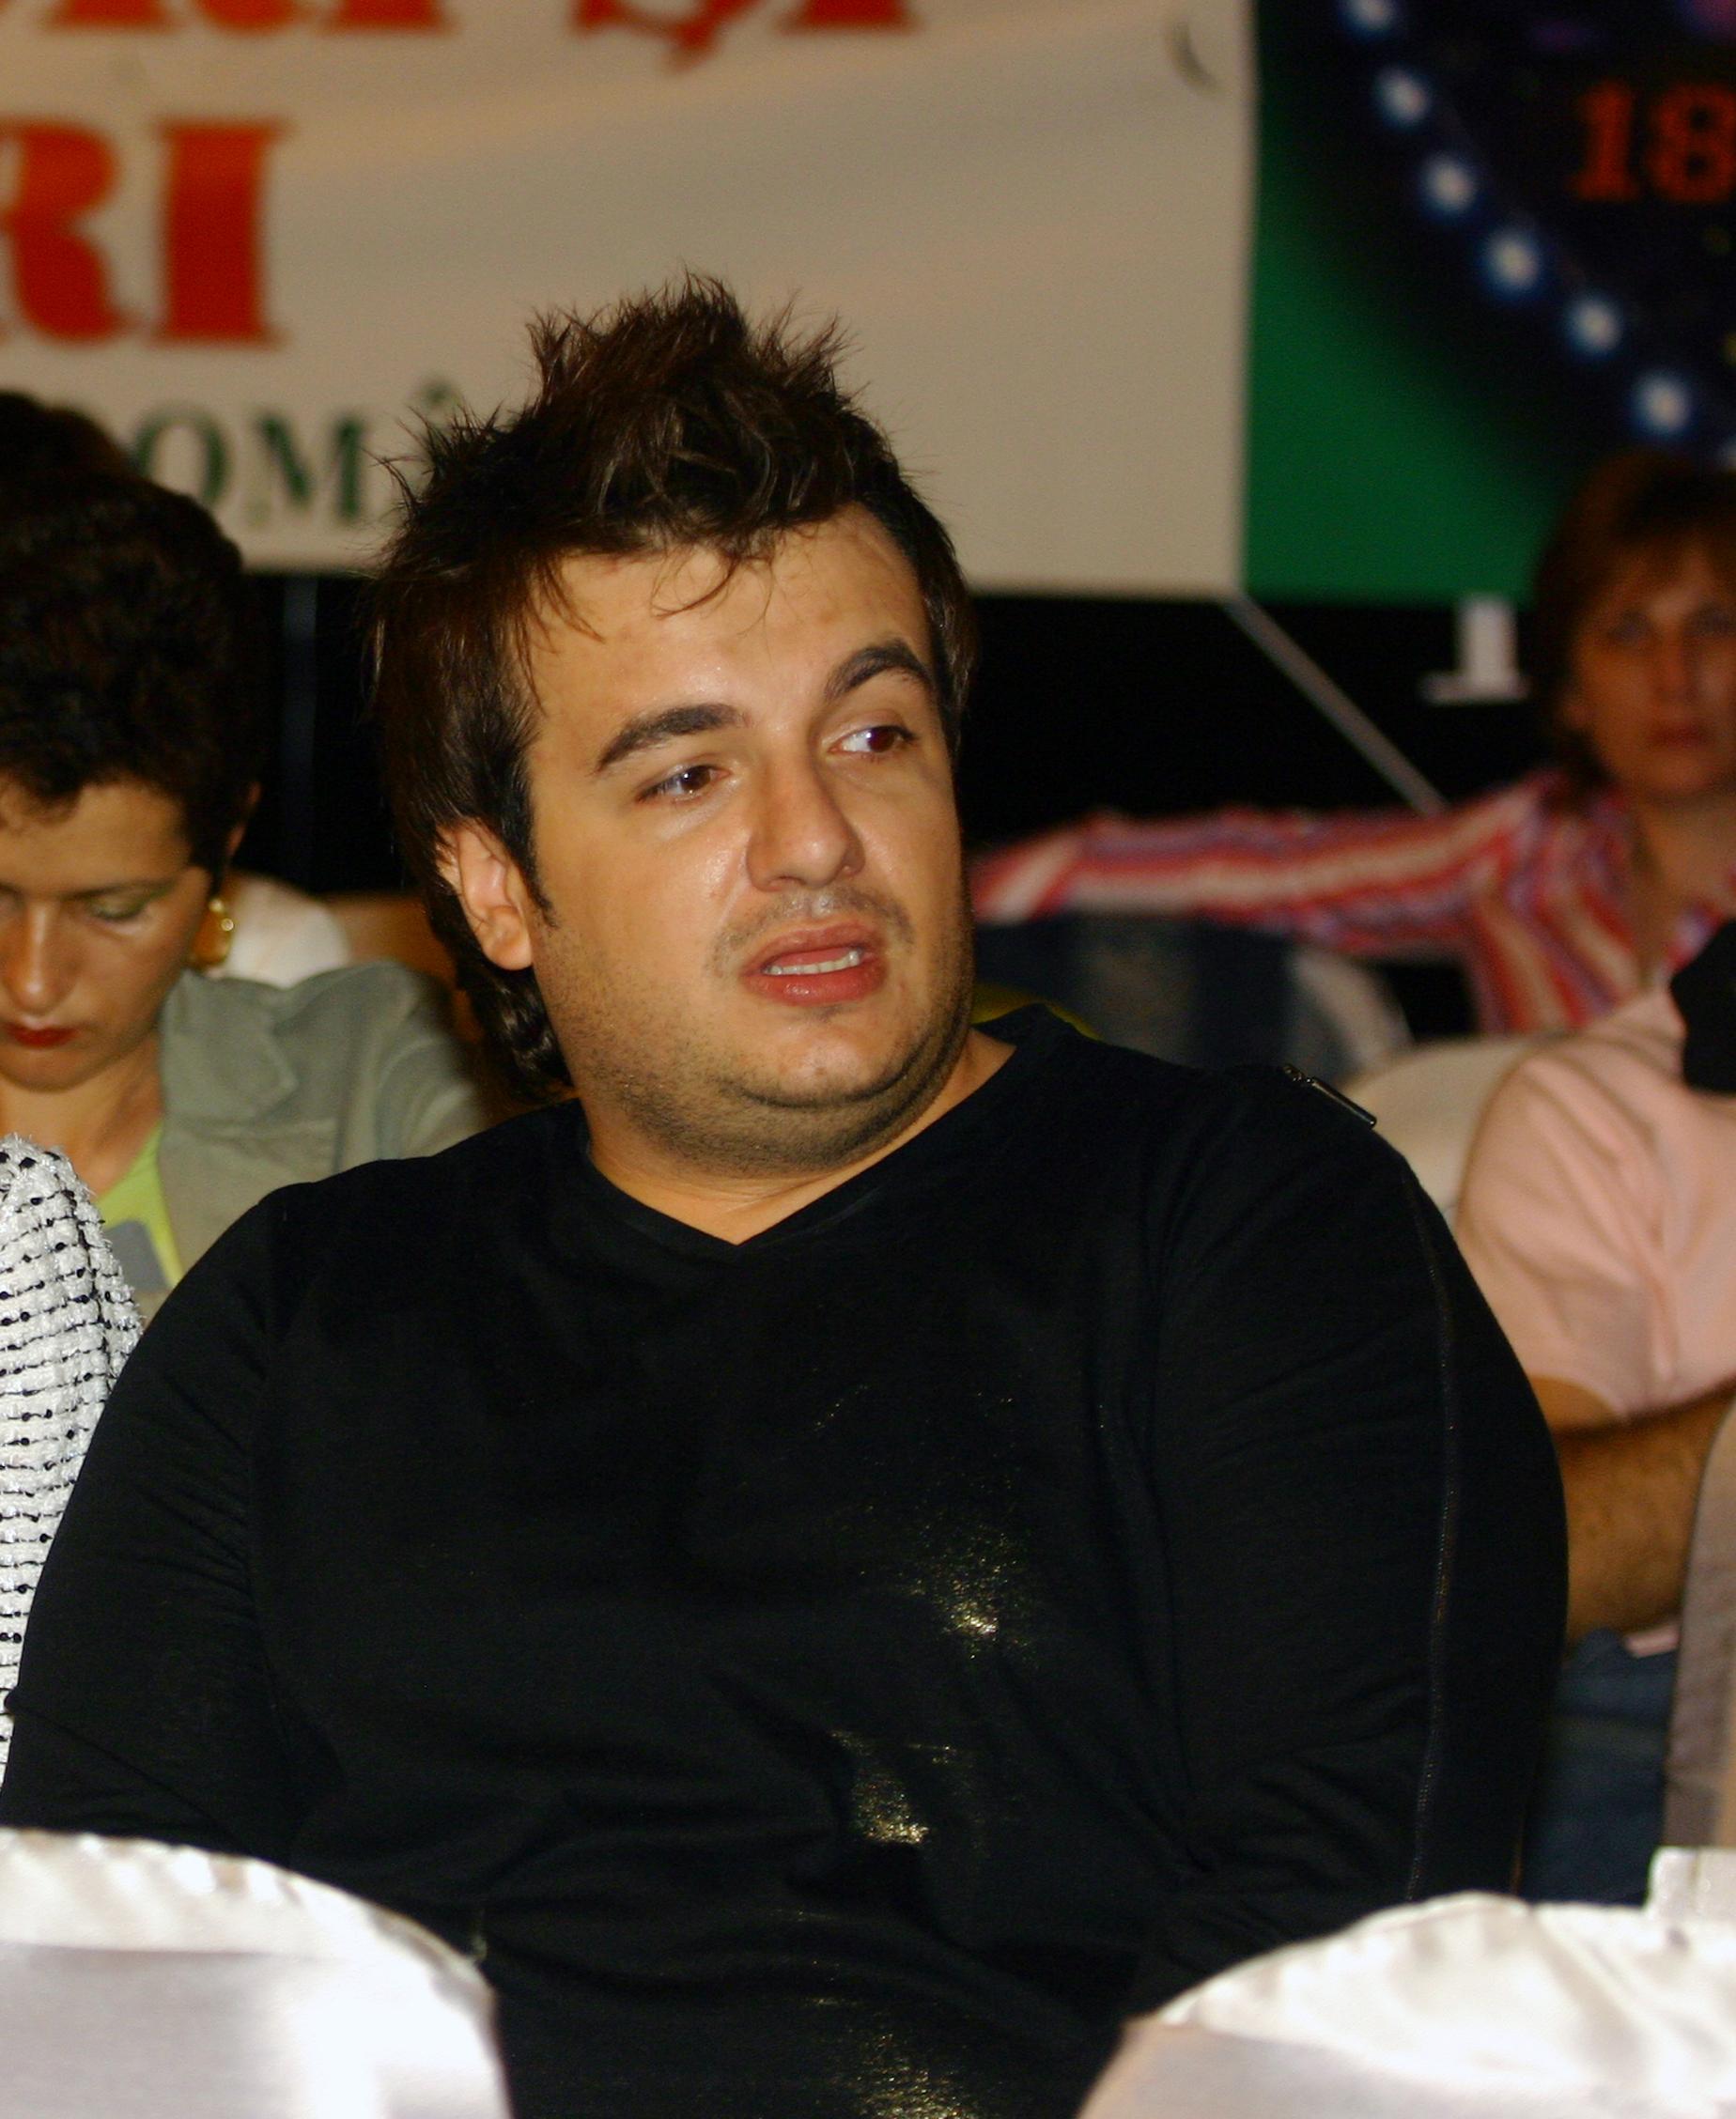 Răzvan Ciobanu, pe vremea când era un tânăr designer, în curs de afirmare. Sursa foto:hepta.ro